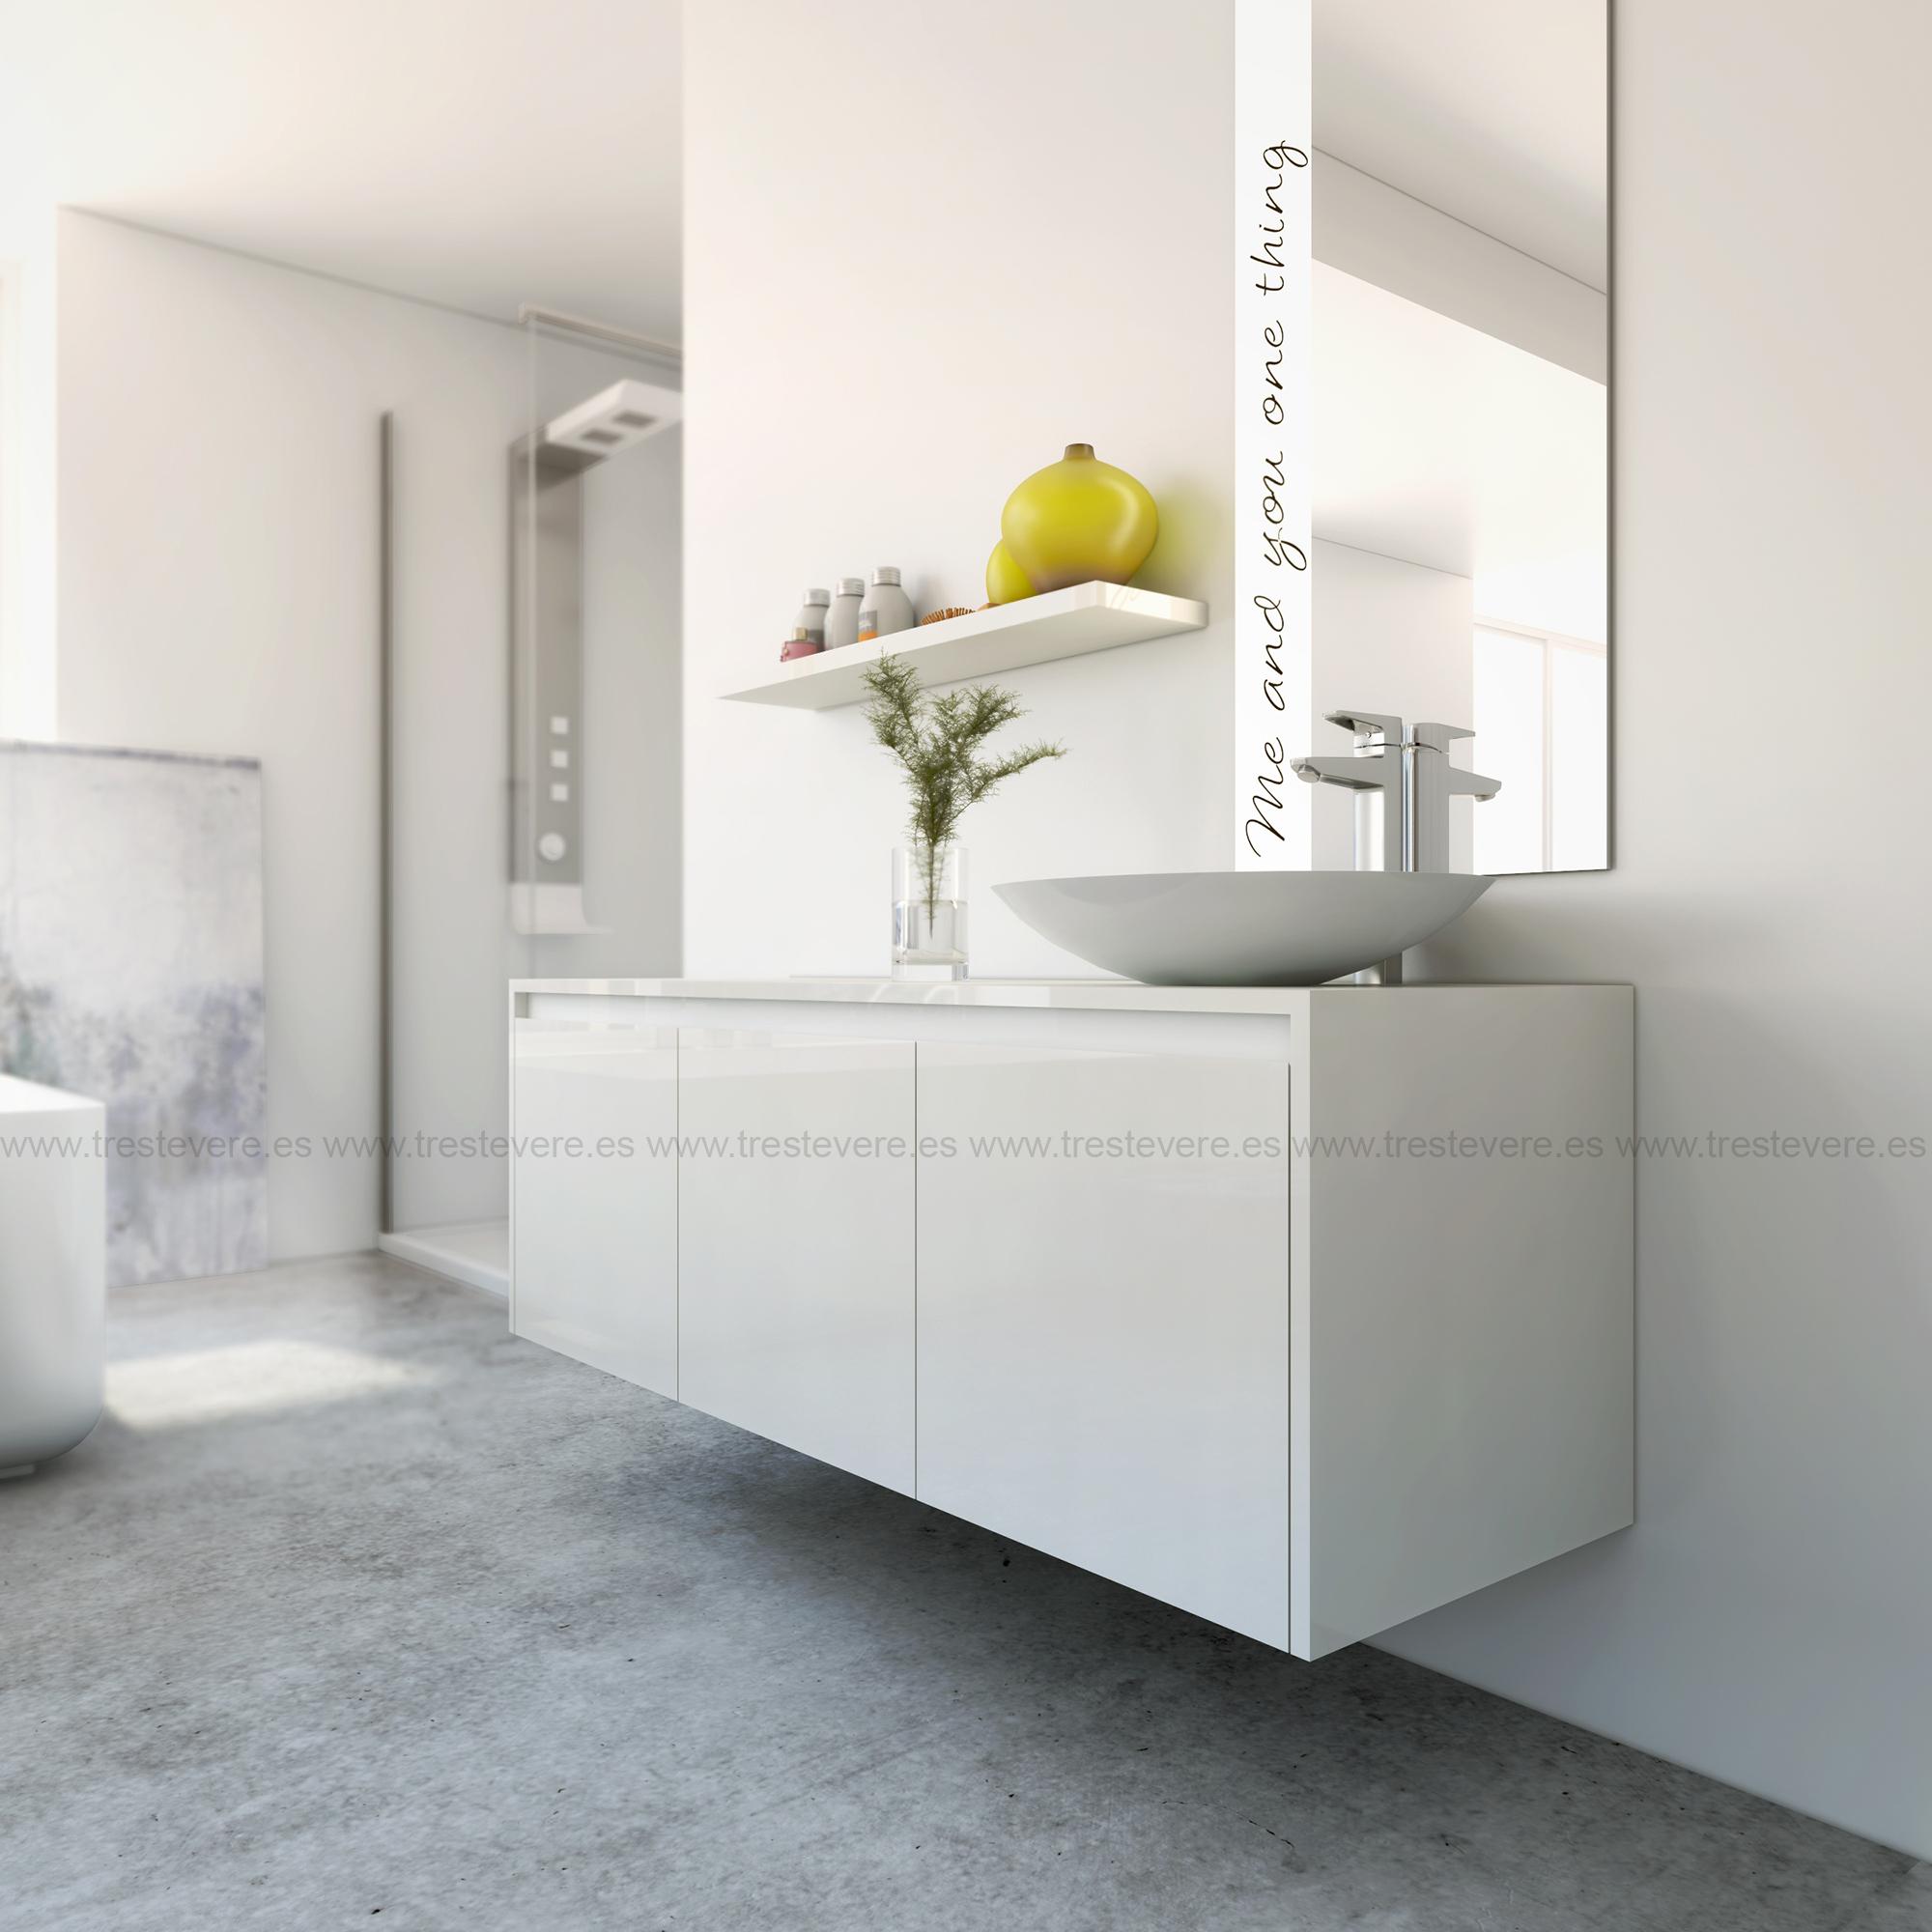 baño 3D catalogo 03